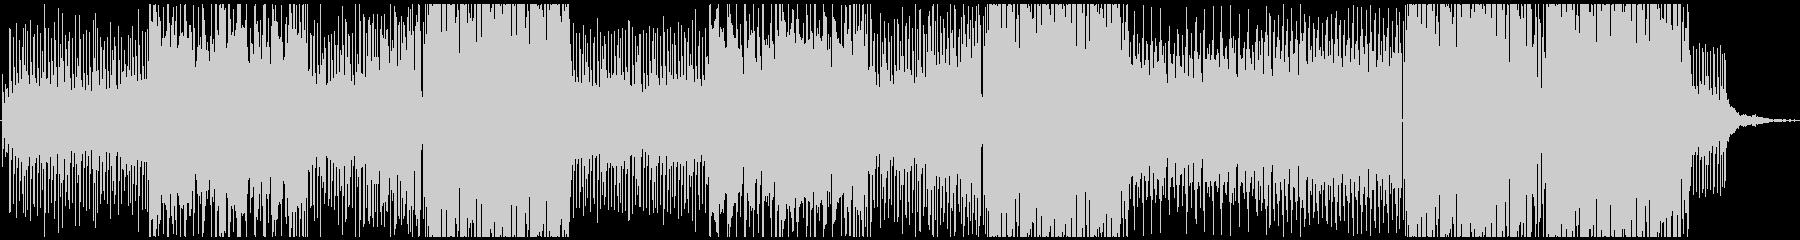 トロピカル+HIPHOP 、洋楽テイストの未再生の波形